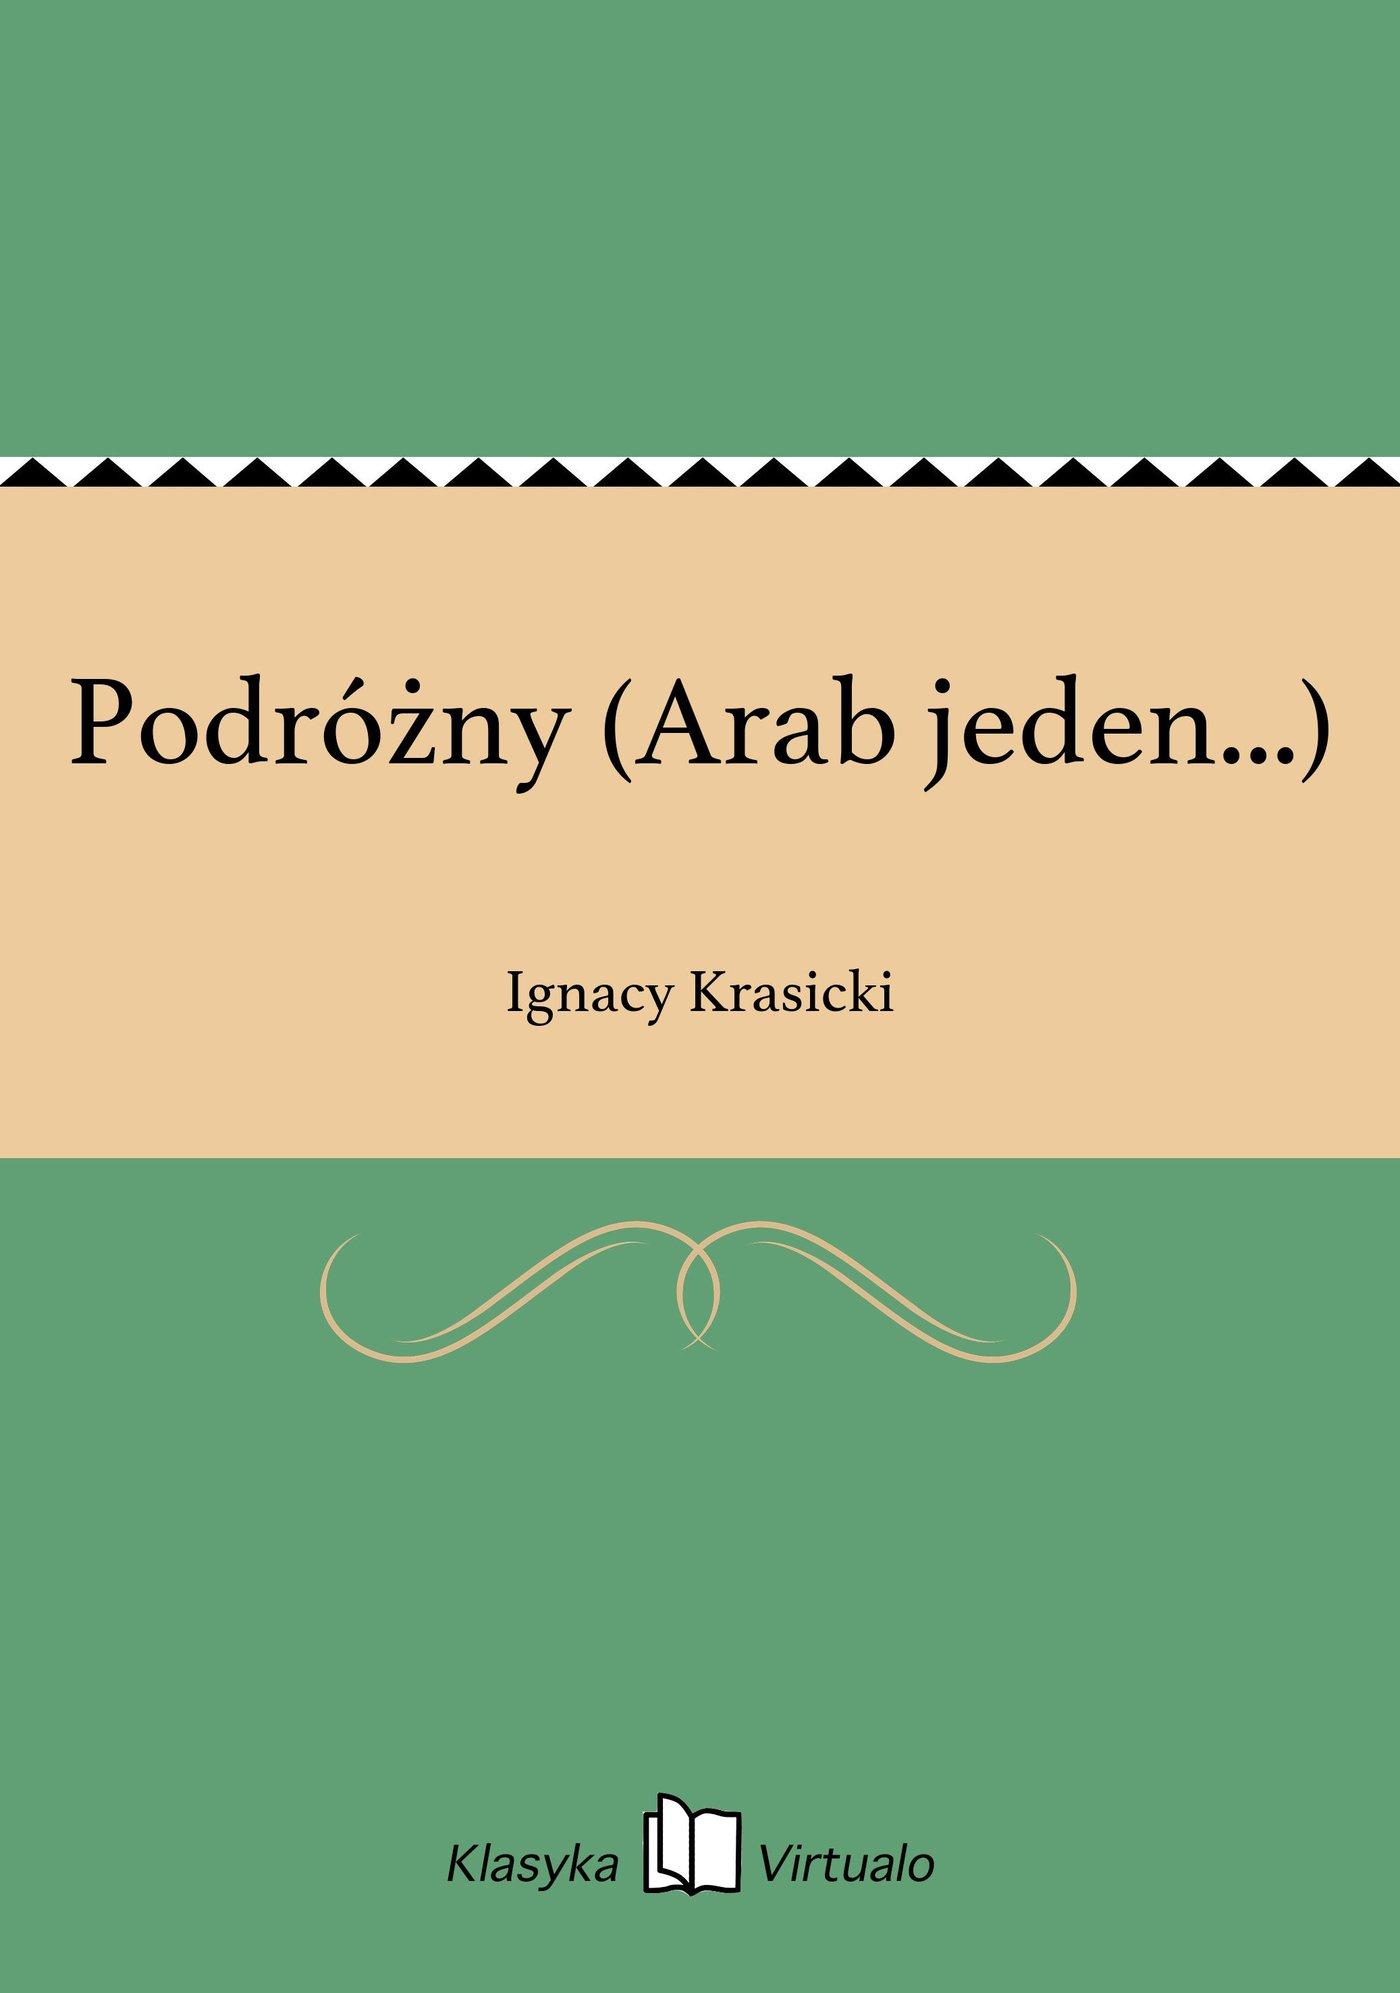 Podróżny (Arab jeden...) - Ebook (Książka EPUB) do pobrania w formacie EPUB